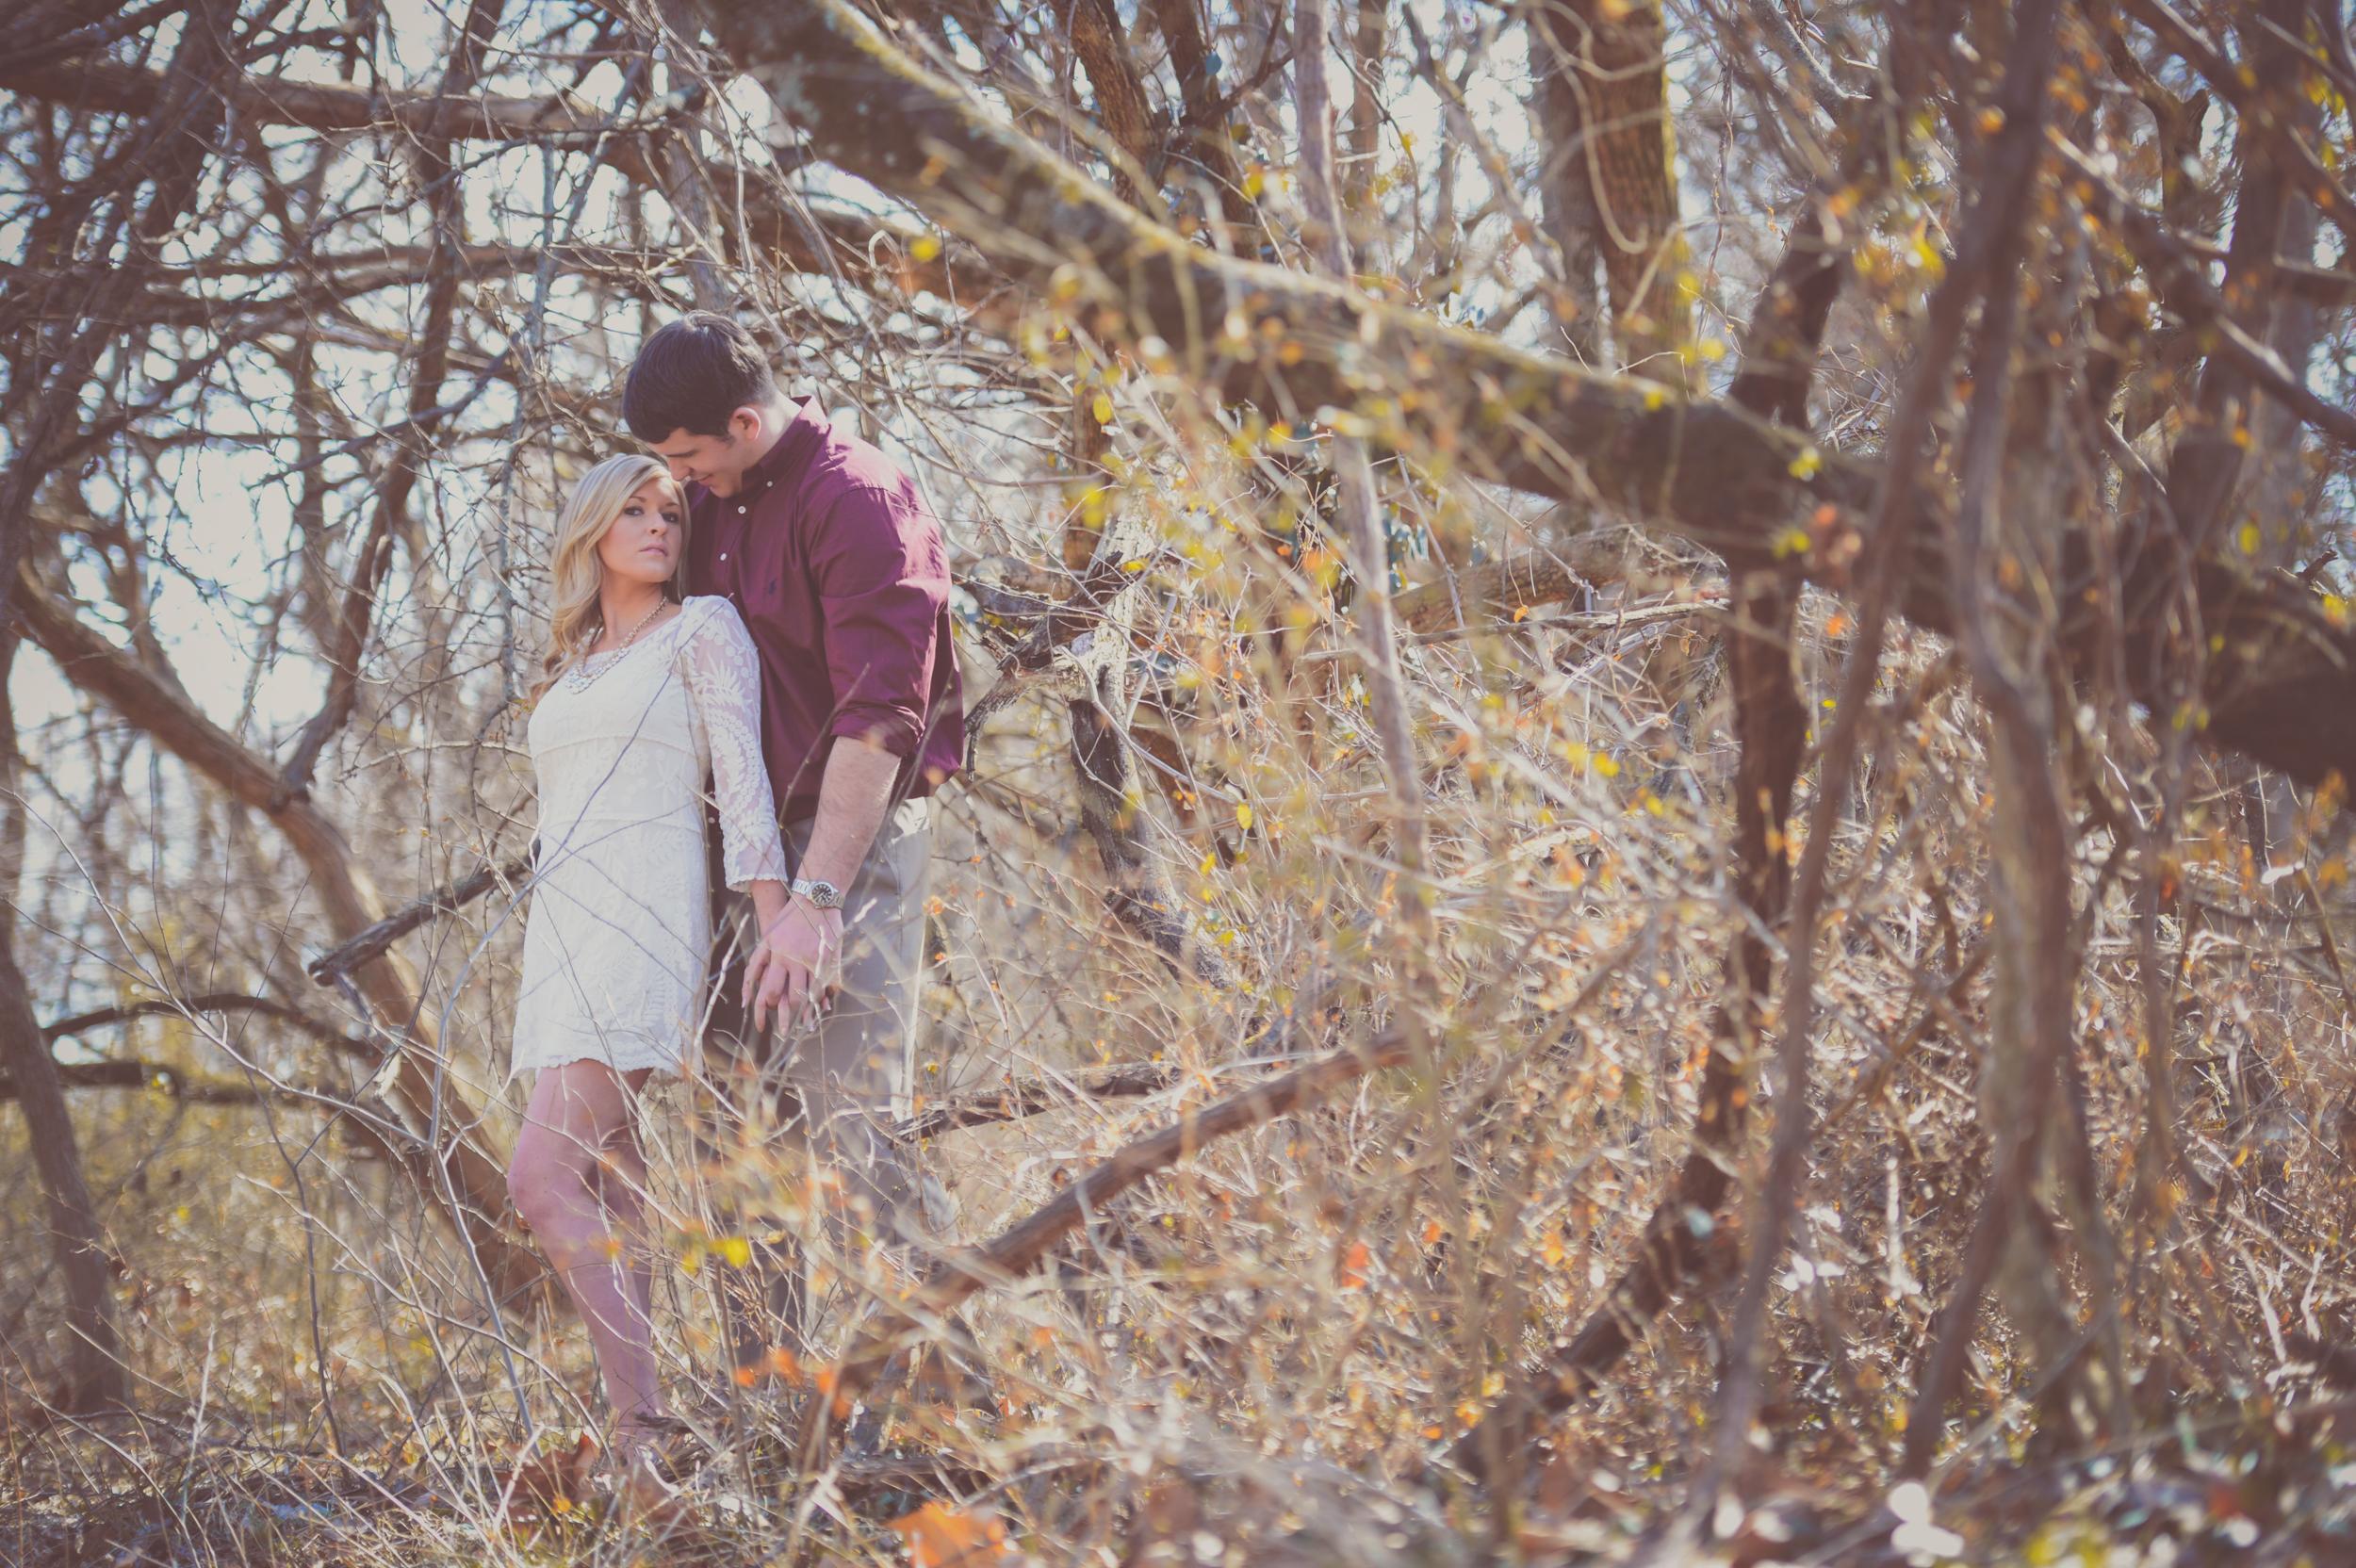 engagementscolor©2015mileswittboyer-49.jpg